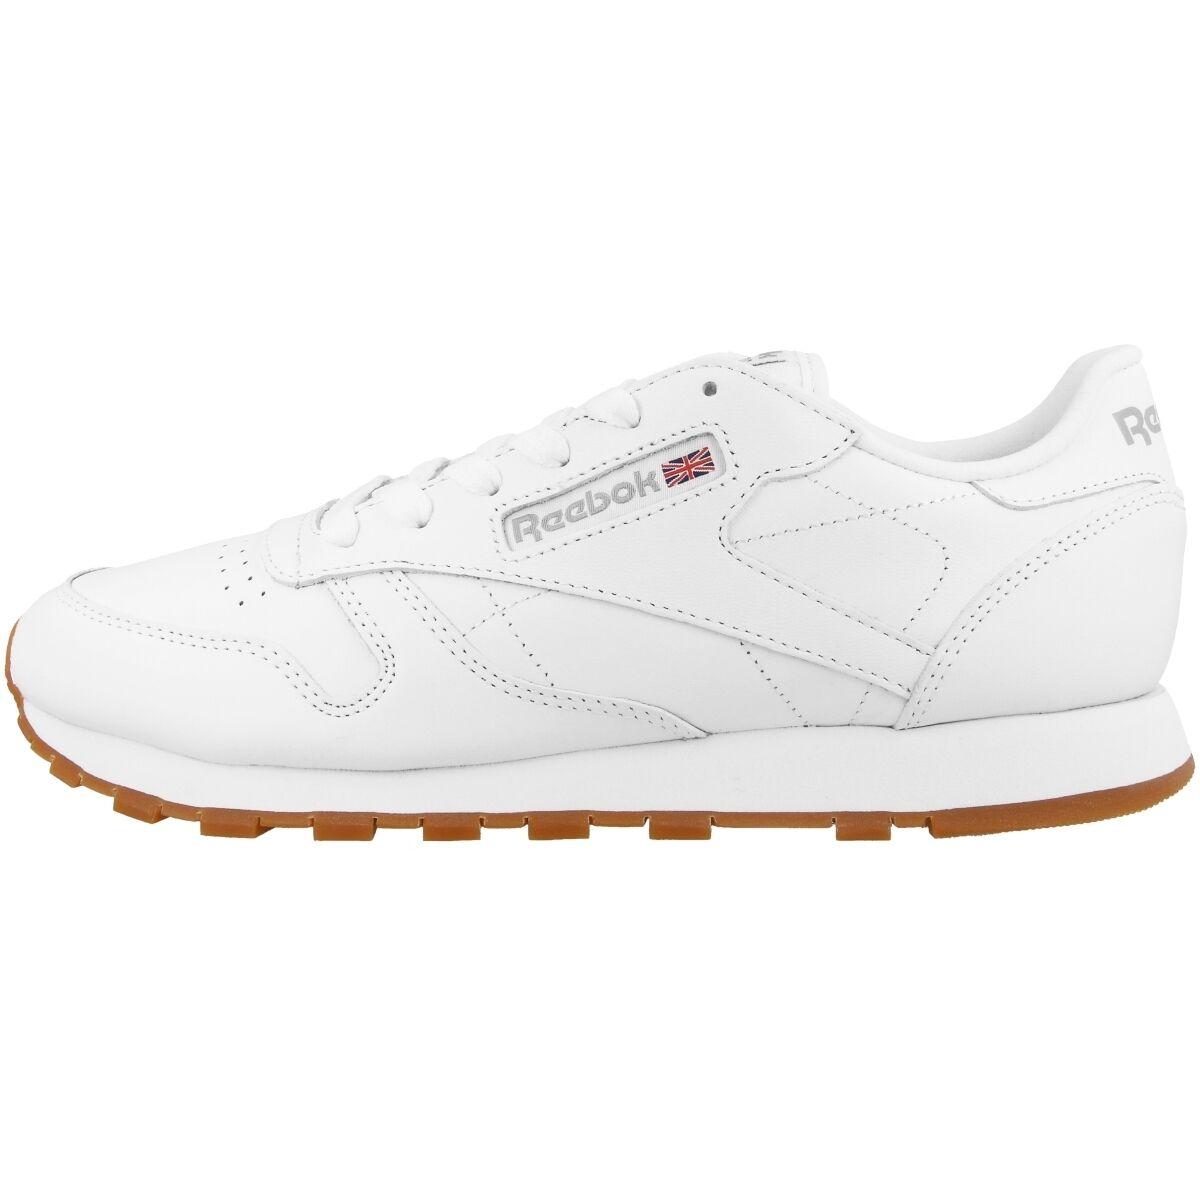 Zapatos promocionales para hombres y mujeres Reebok Cuero Clásico women Zapatilla deportiva de mujer Blanco Goma 49803